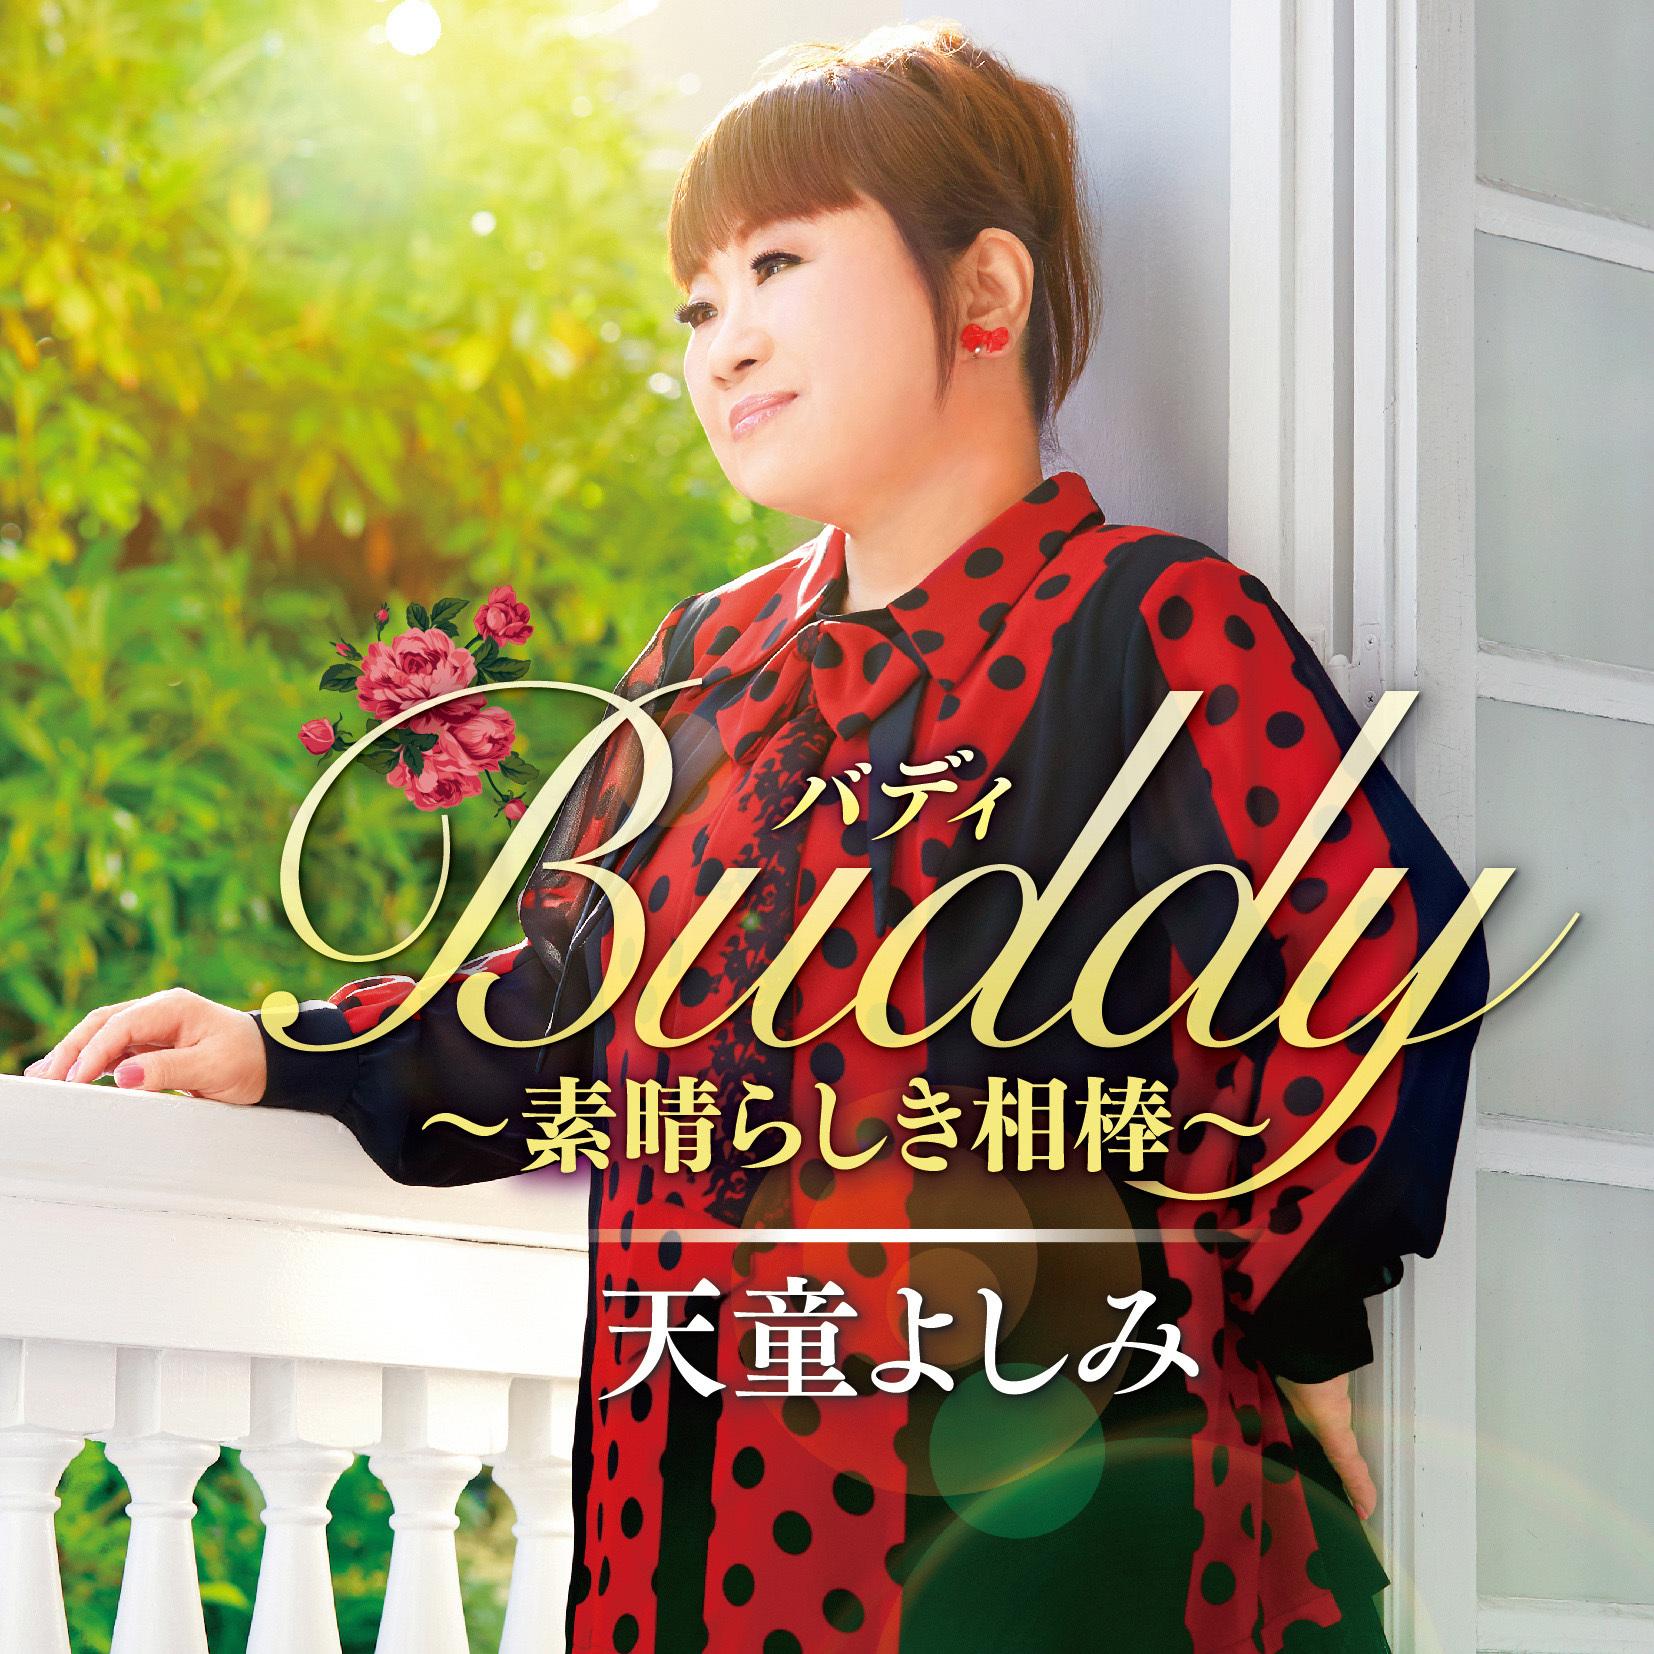 天童よしみ『Buddy(バディ)~素晴らしき相棒~』